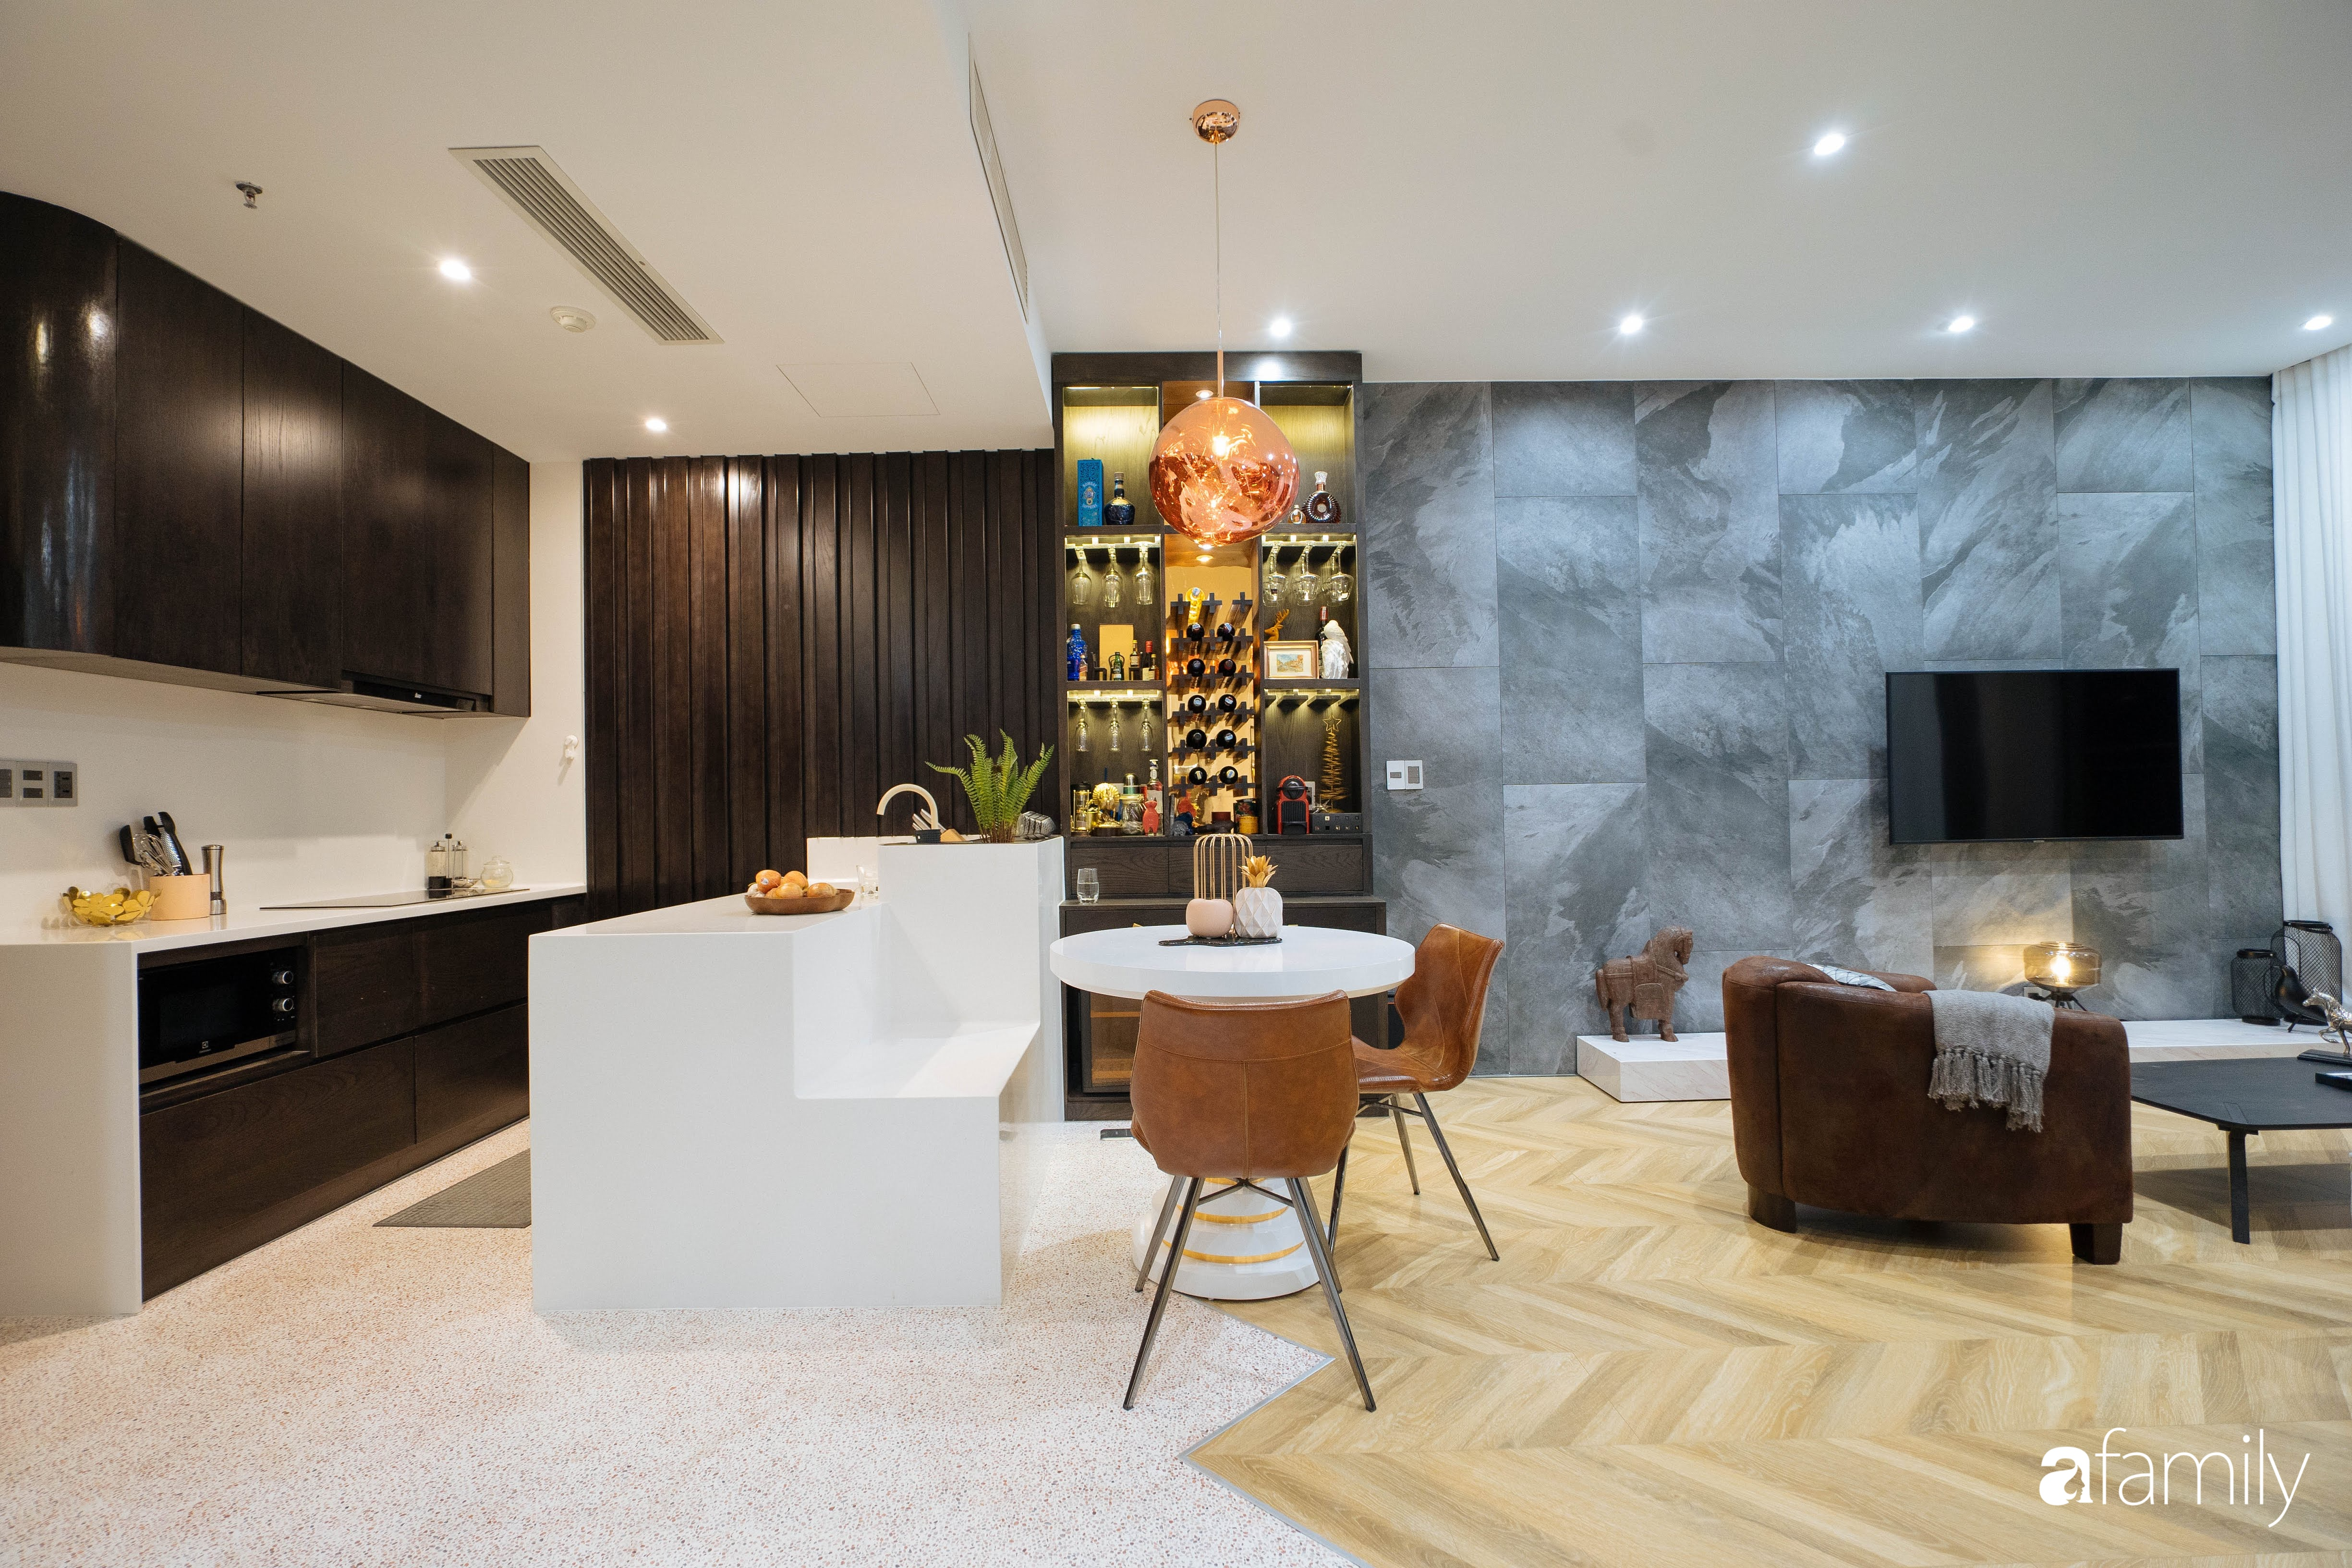 """Quyết tự tay thiết kế, trang trí căn hộ 67m²,  cho riêng mình, chàng trai Sài Gòn nhận lại sự """"trầm trồ"""" của cư dân mạng vì chi tiết này - Ảnh 3."""